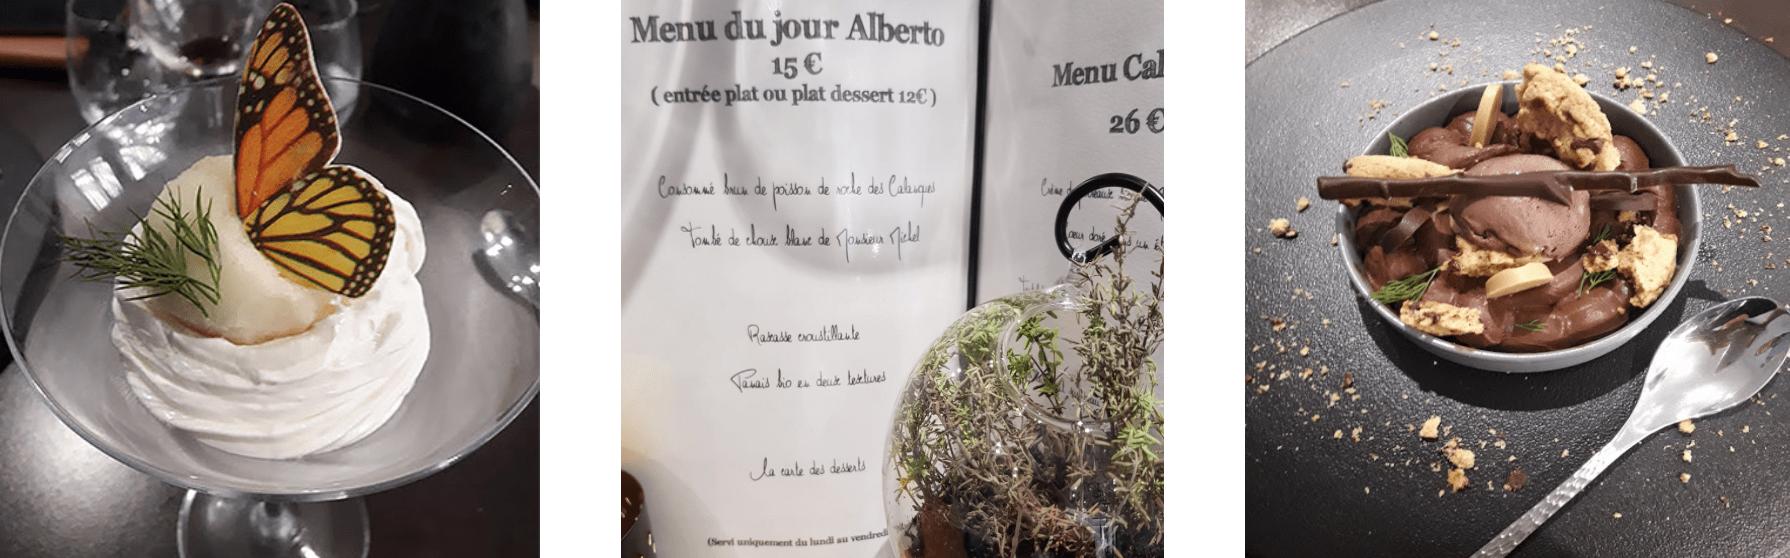 Plats et menu du Saint Roch